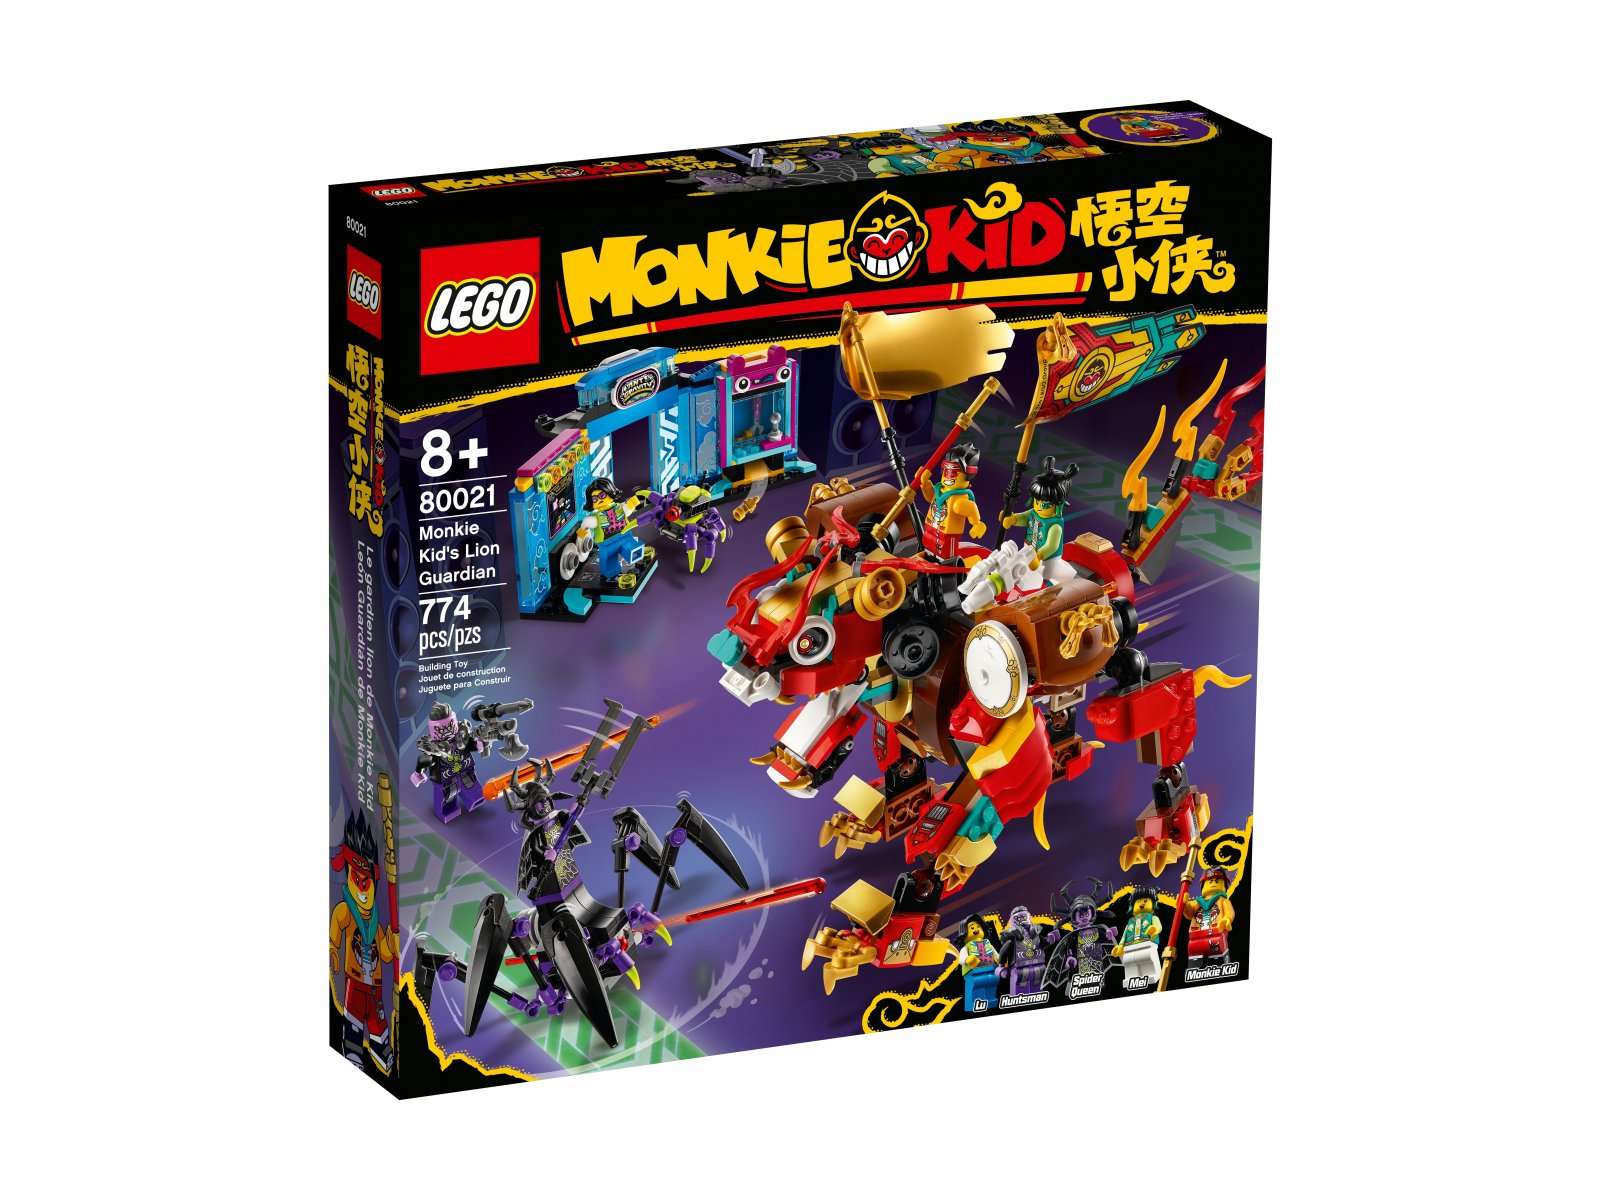 LEGO 80021 Lwi strażnik Monkie Kida